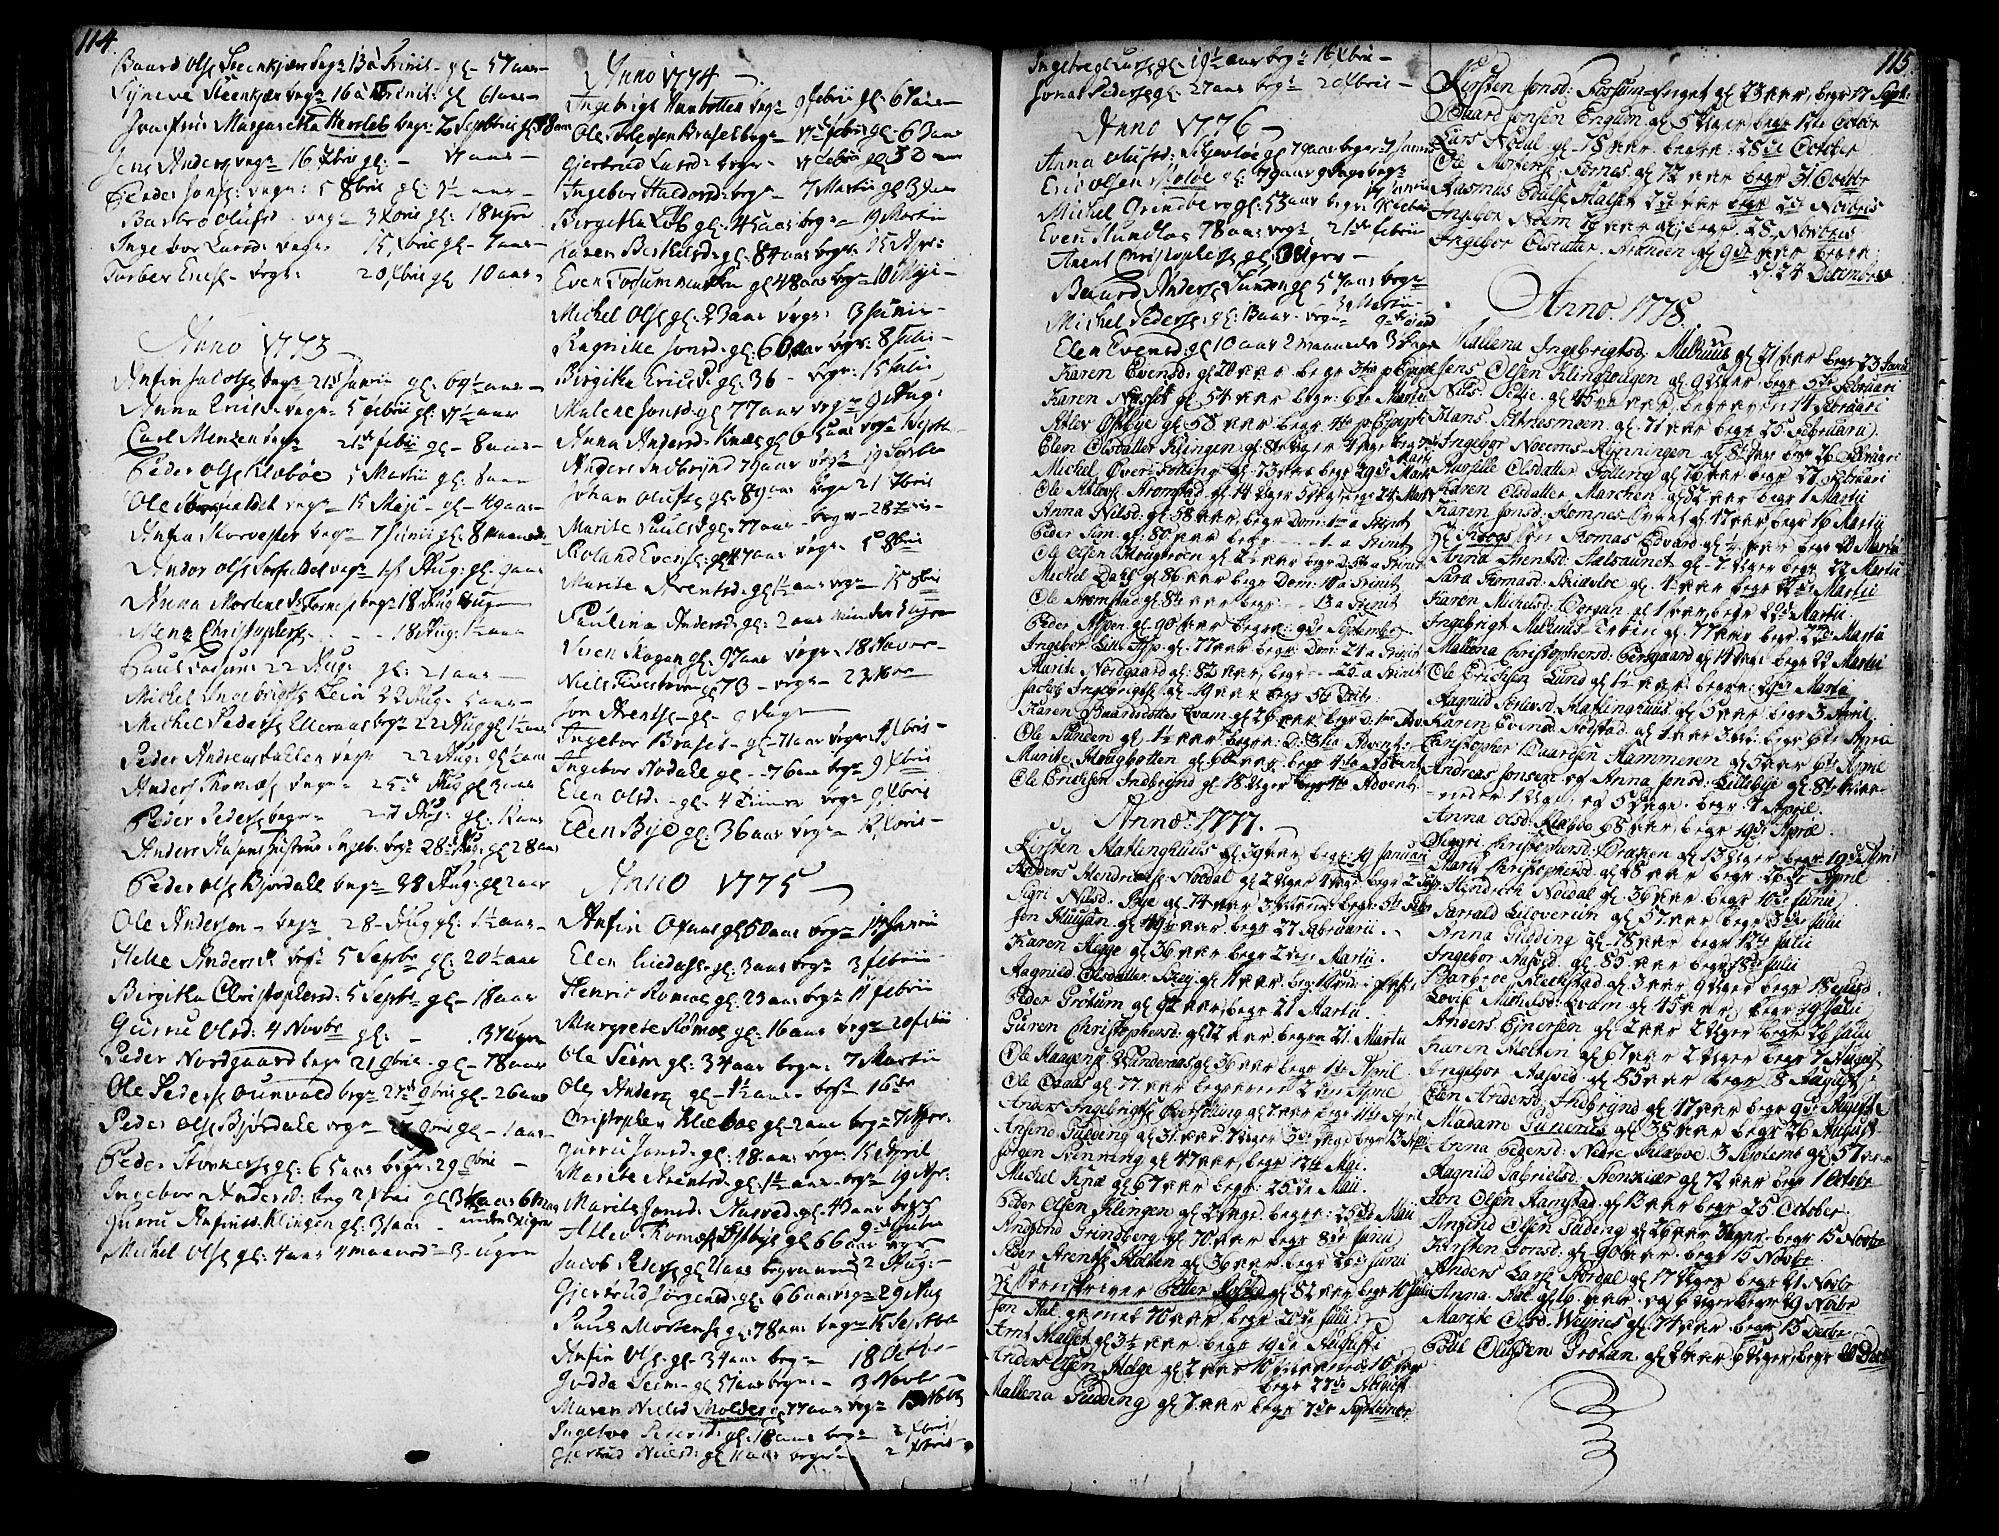 SAT, Ministerialprotokoller, klokkerbøker og fødselsregistre - Nord-Trøndelag, 746/L0440: Ministerialbok nr. 746A02, 1760-1815, s. 114-115